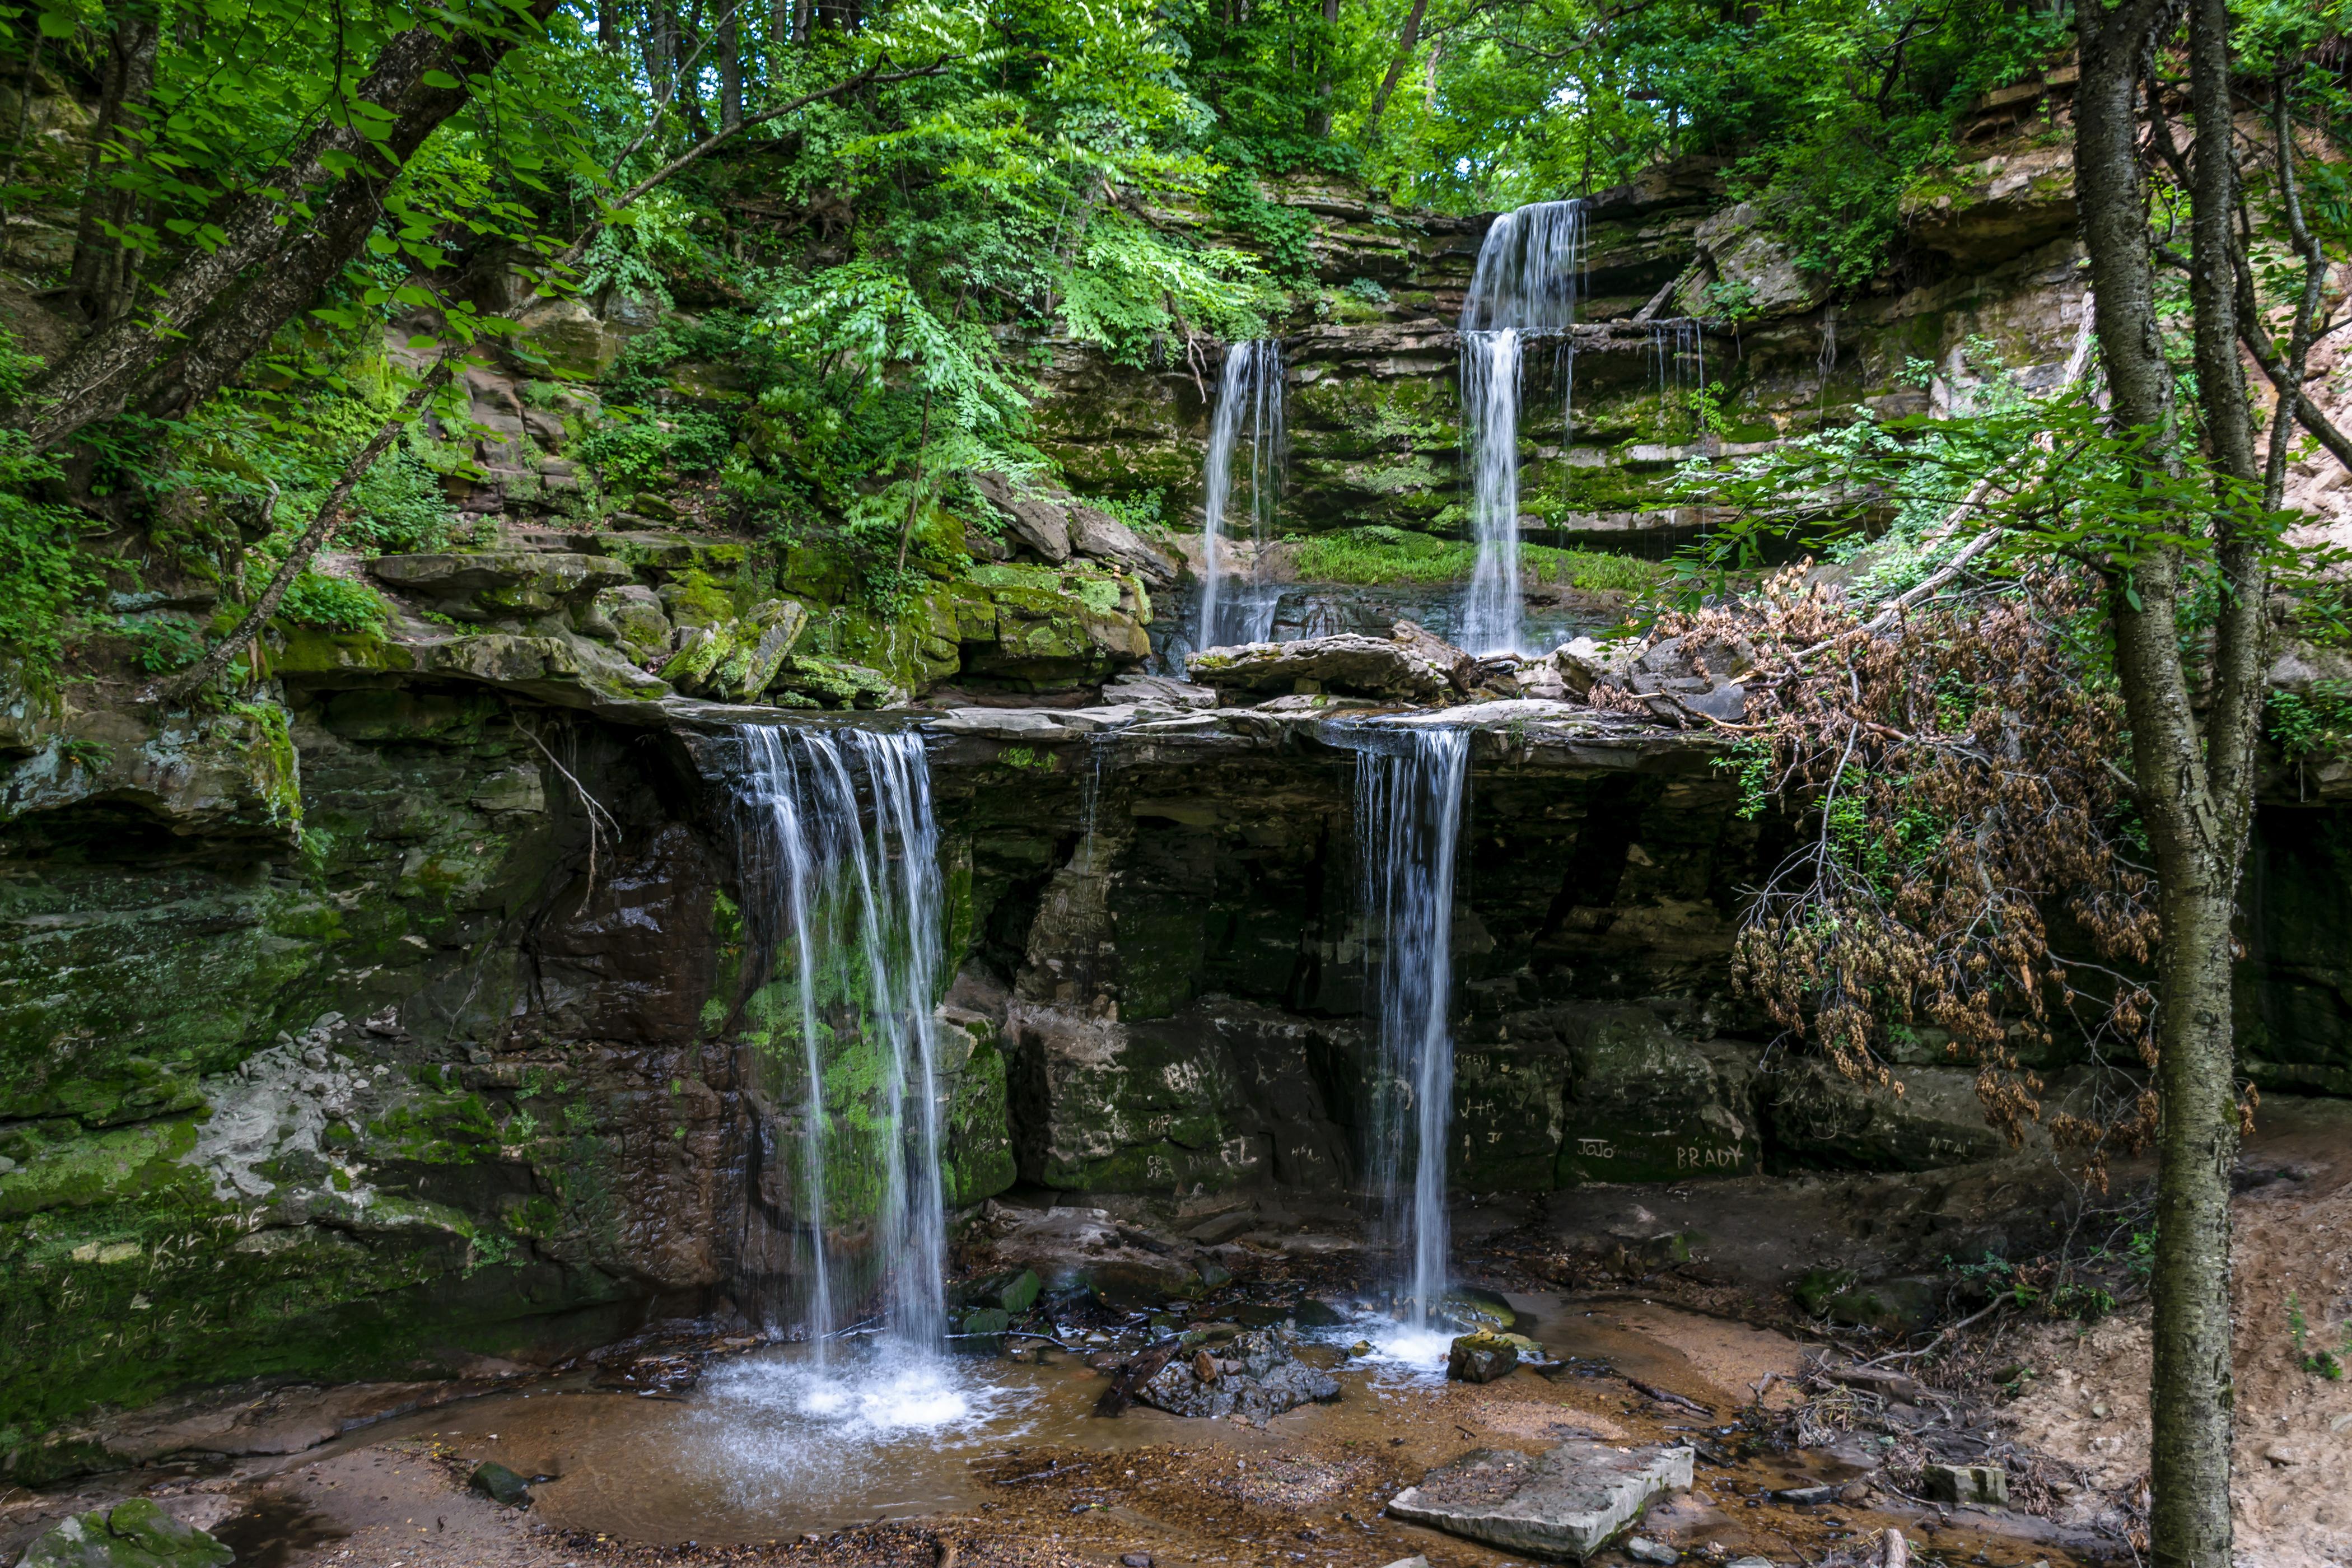 водопад мох плиты воронка загрузить